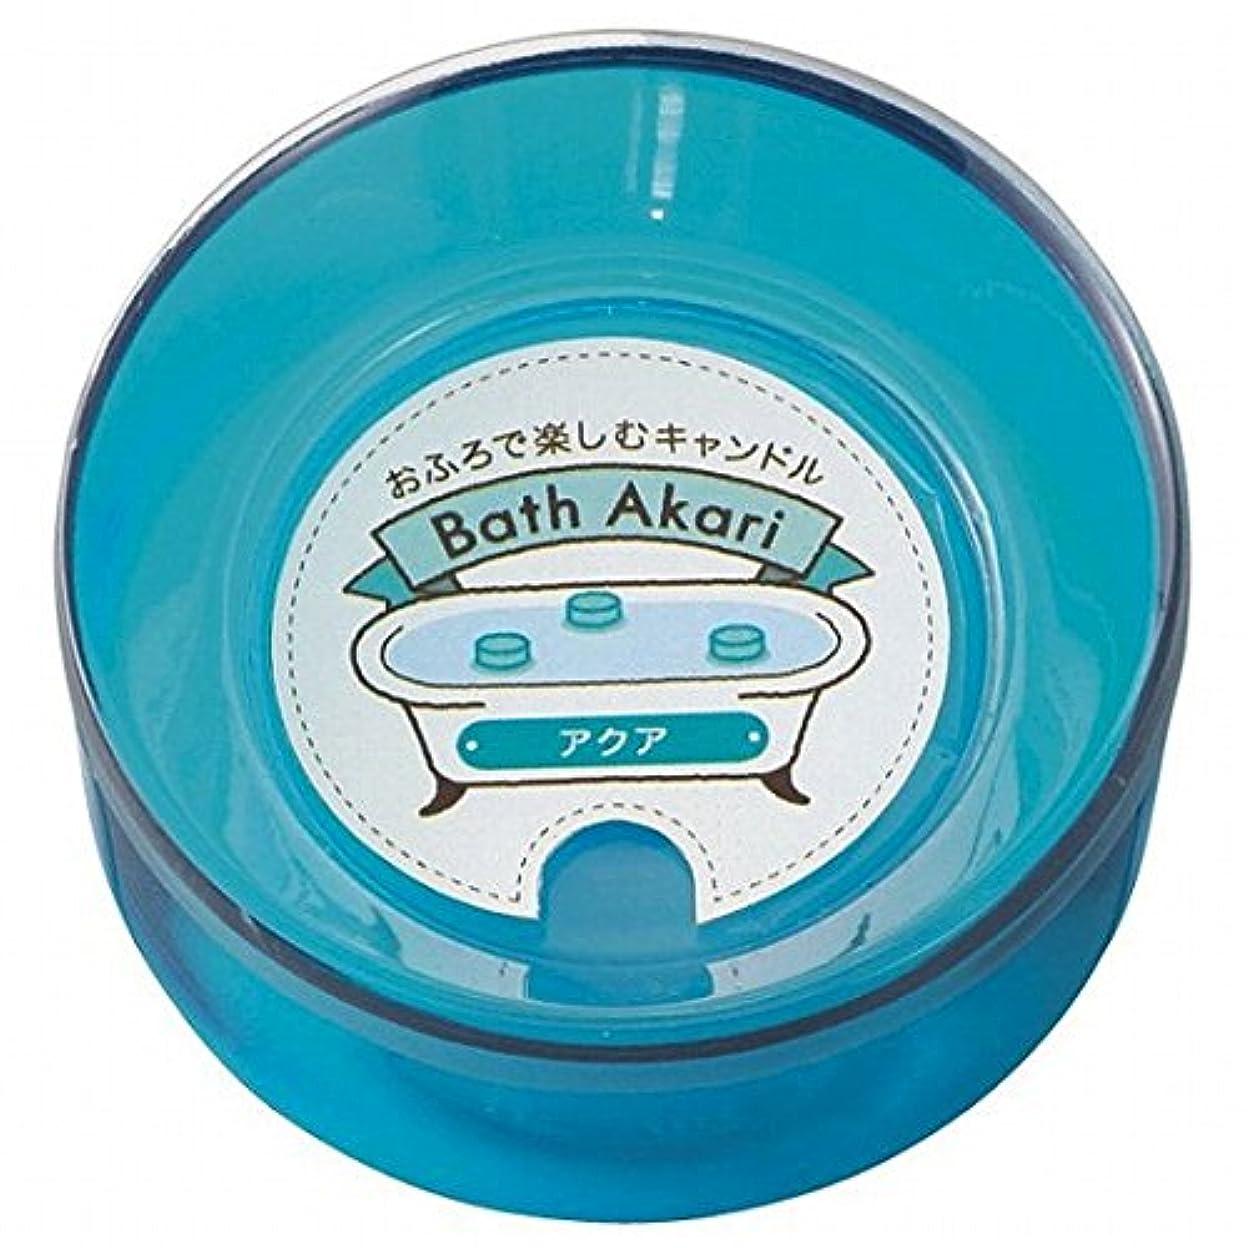 予防接種する繰り返したしゃがむkameyama candle(カメヤマキャンドル) バスあかり (水に浮く?お風呂キャンドル) 「アクア」 12個入り(A8220510A)